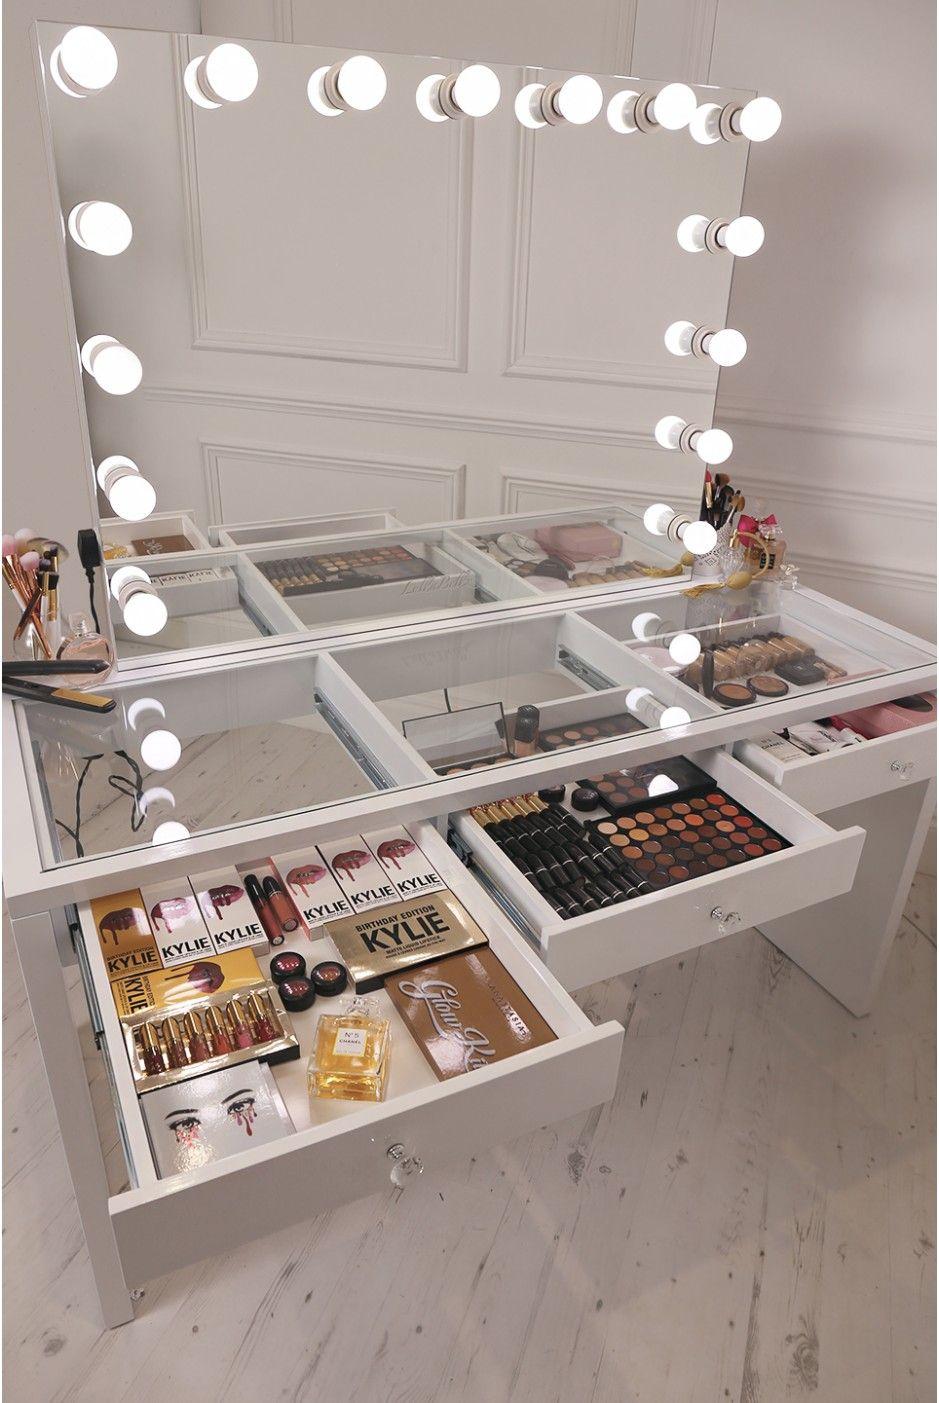 1 | Mẫu bàn trang điểm với bóng đèn gắn lên gương